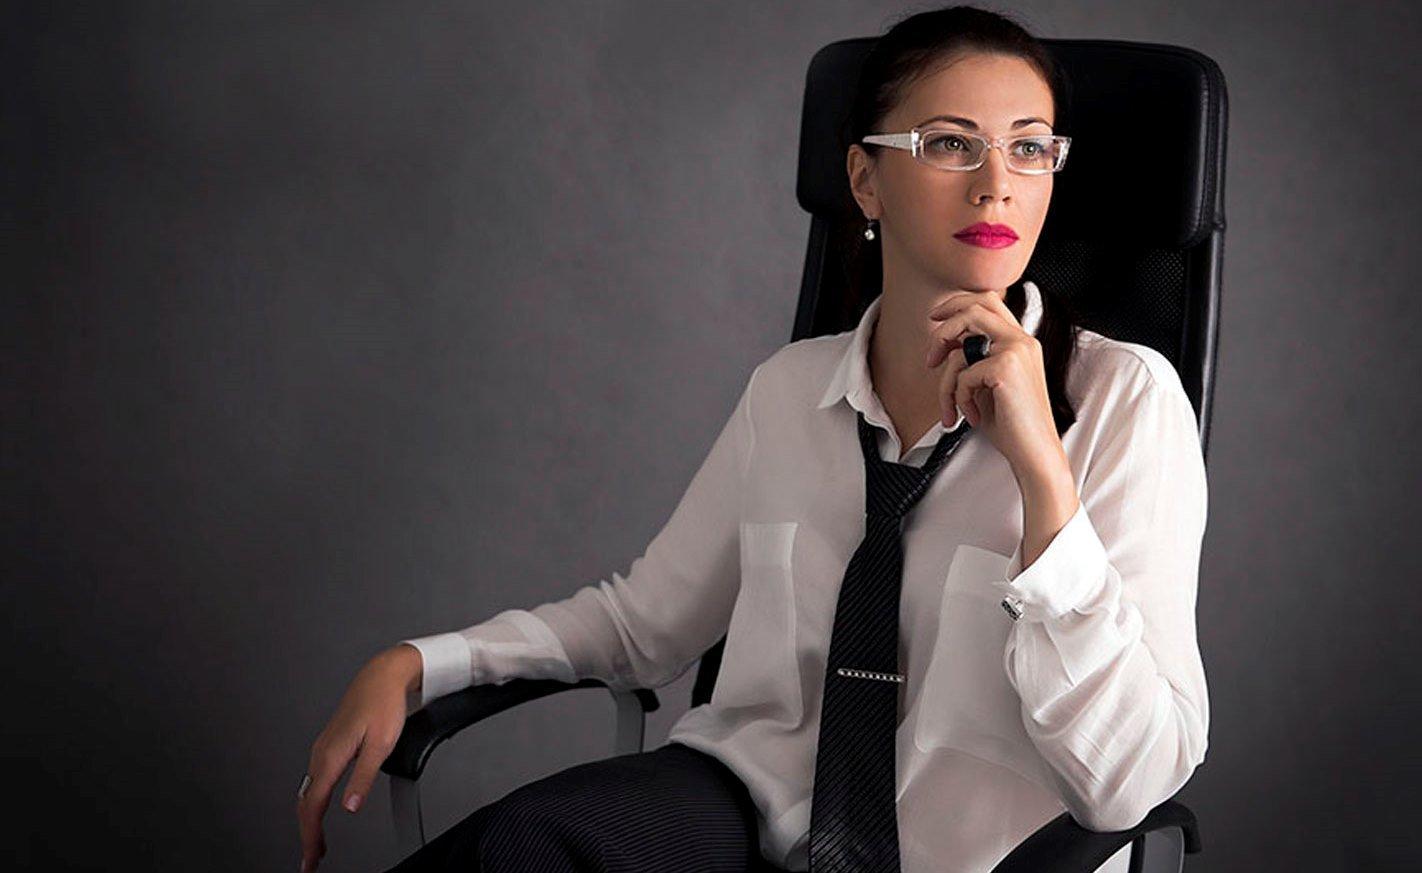 картинки на рабочий стол для бизнес леди открывшийся